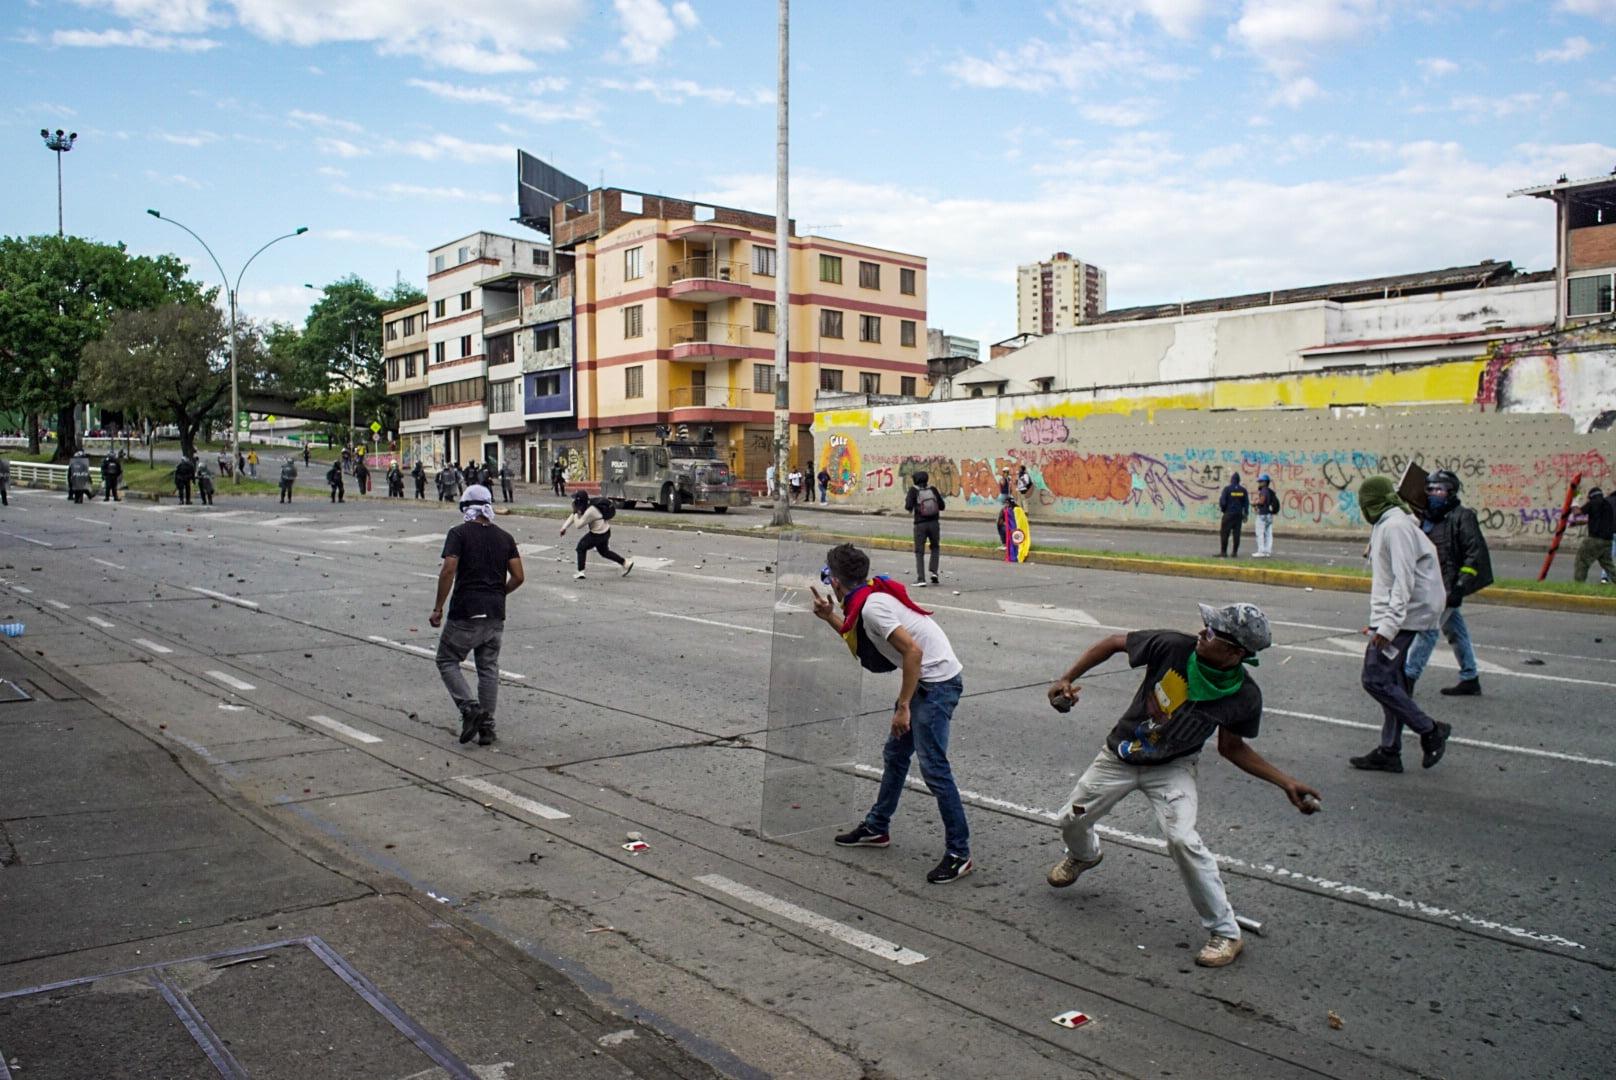 Puede ser una imagen de una o varias personas, personas caminando, personas de pie, personas practicando deporte, calle y carretera